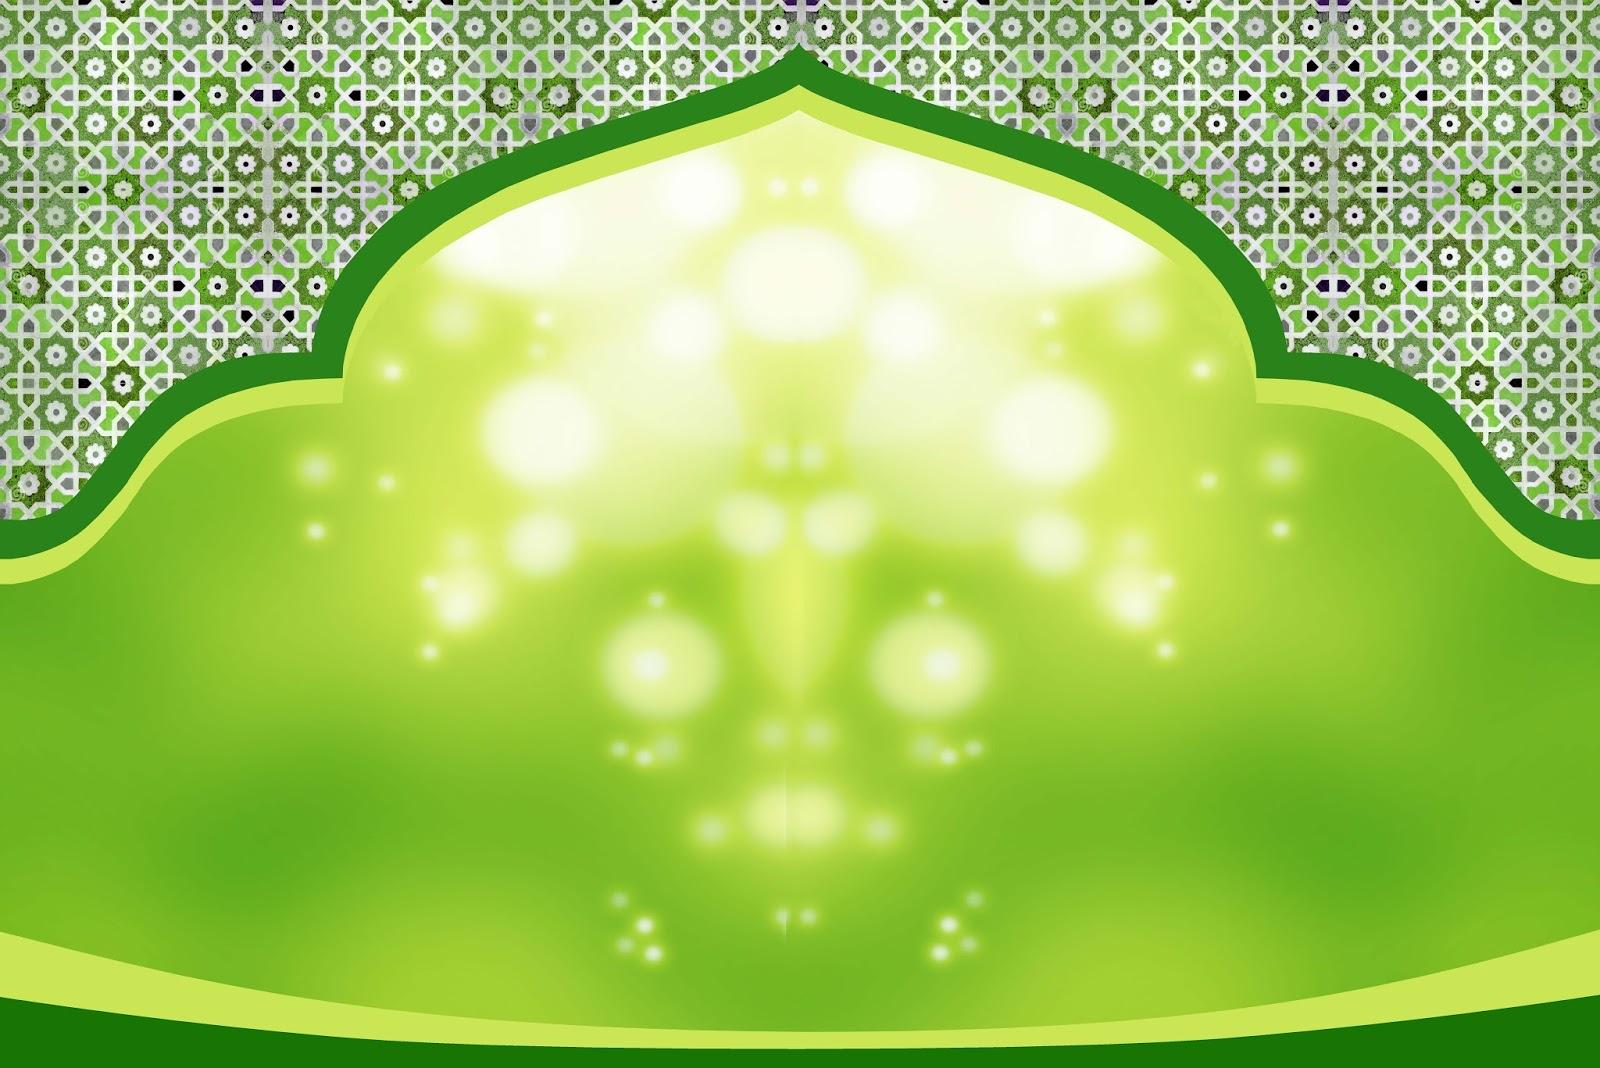 background islamic green